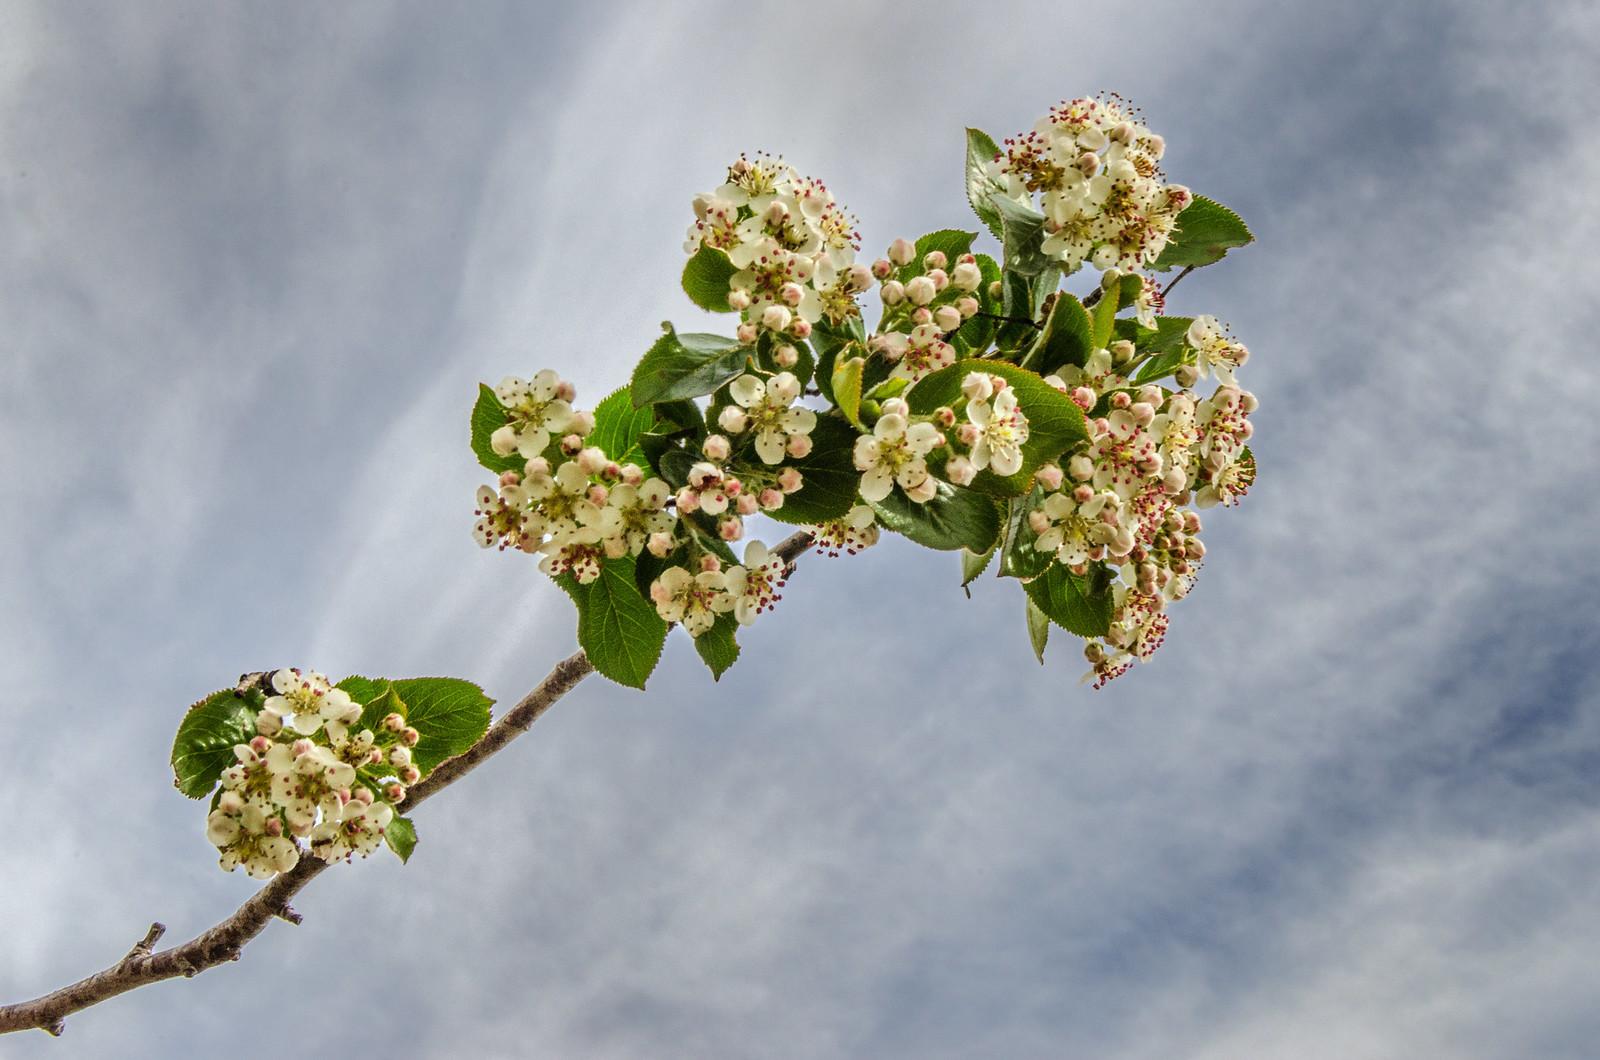 Цветы черноплодной рябины